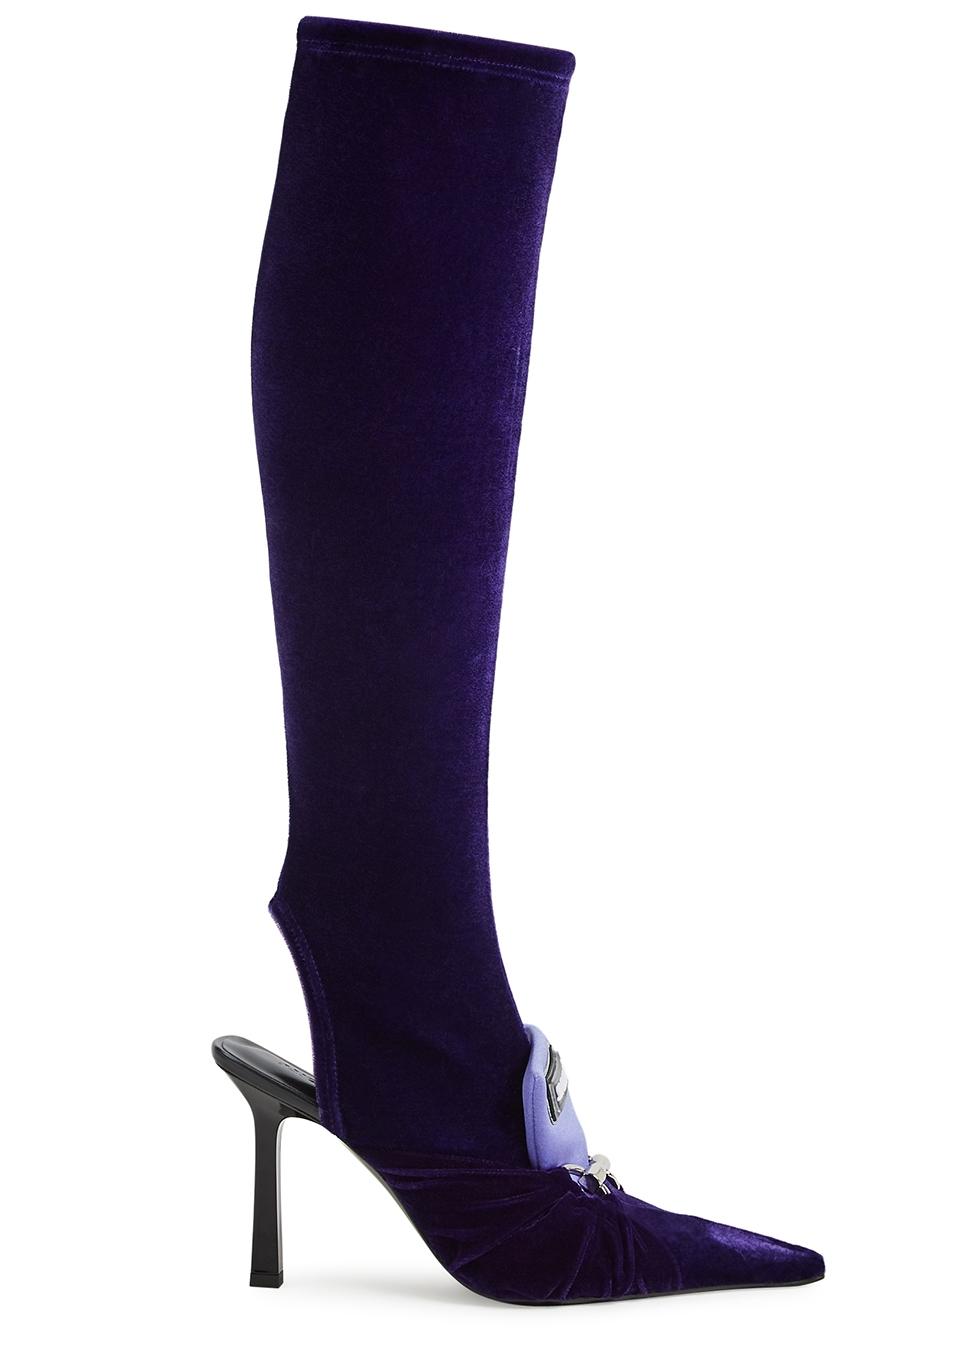 100 purple velvet knee-high sock boots